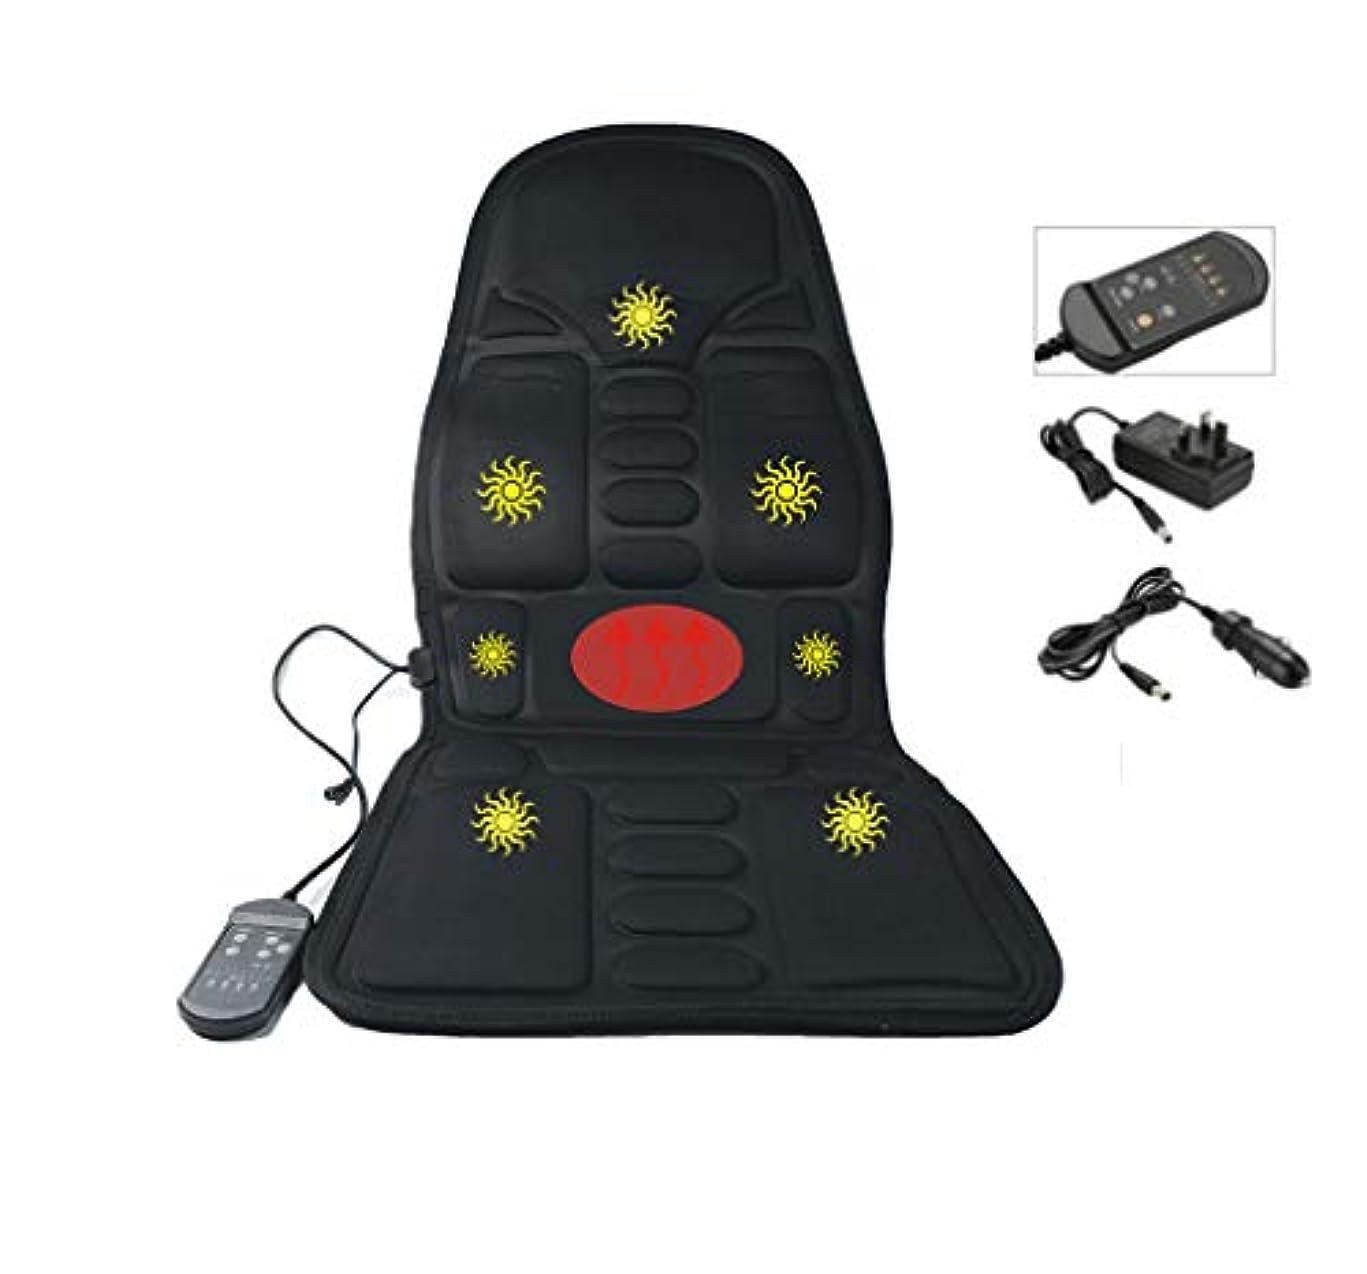 何もないパワーセルグリーンバック指圧マッサージシートクッション、3D指圧ディングニーディング、プレス、ローリングとバイブレーション - マッサージフルバック、アッパーバック、バックバック、座っているエリアまたはピンポイント正確なマッサージスポット加熱(黒)